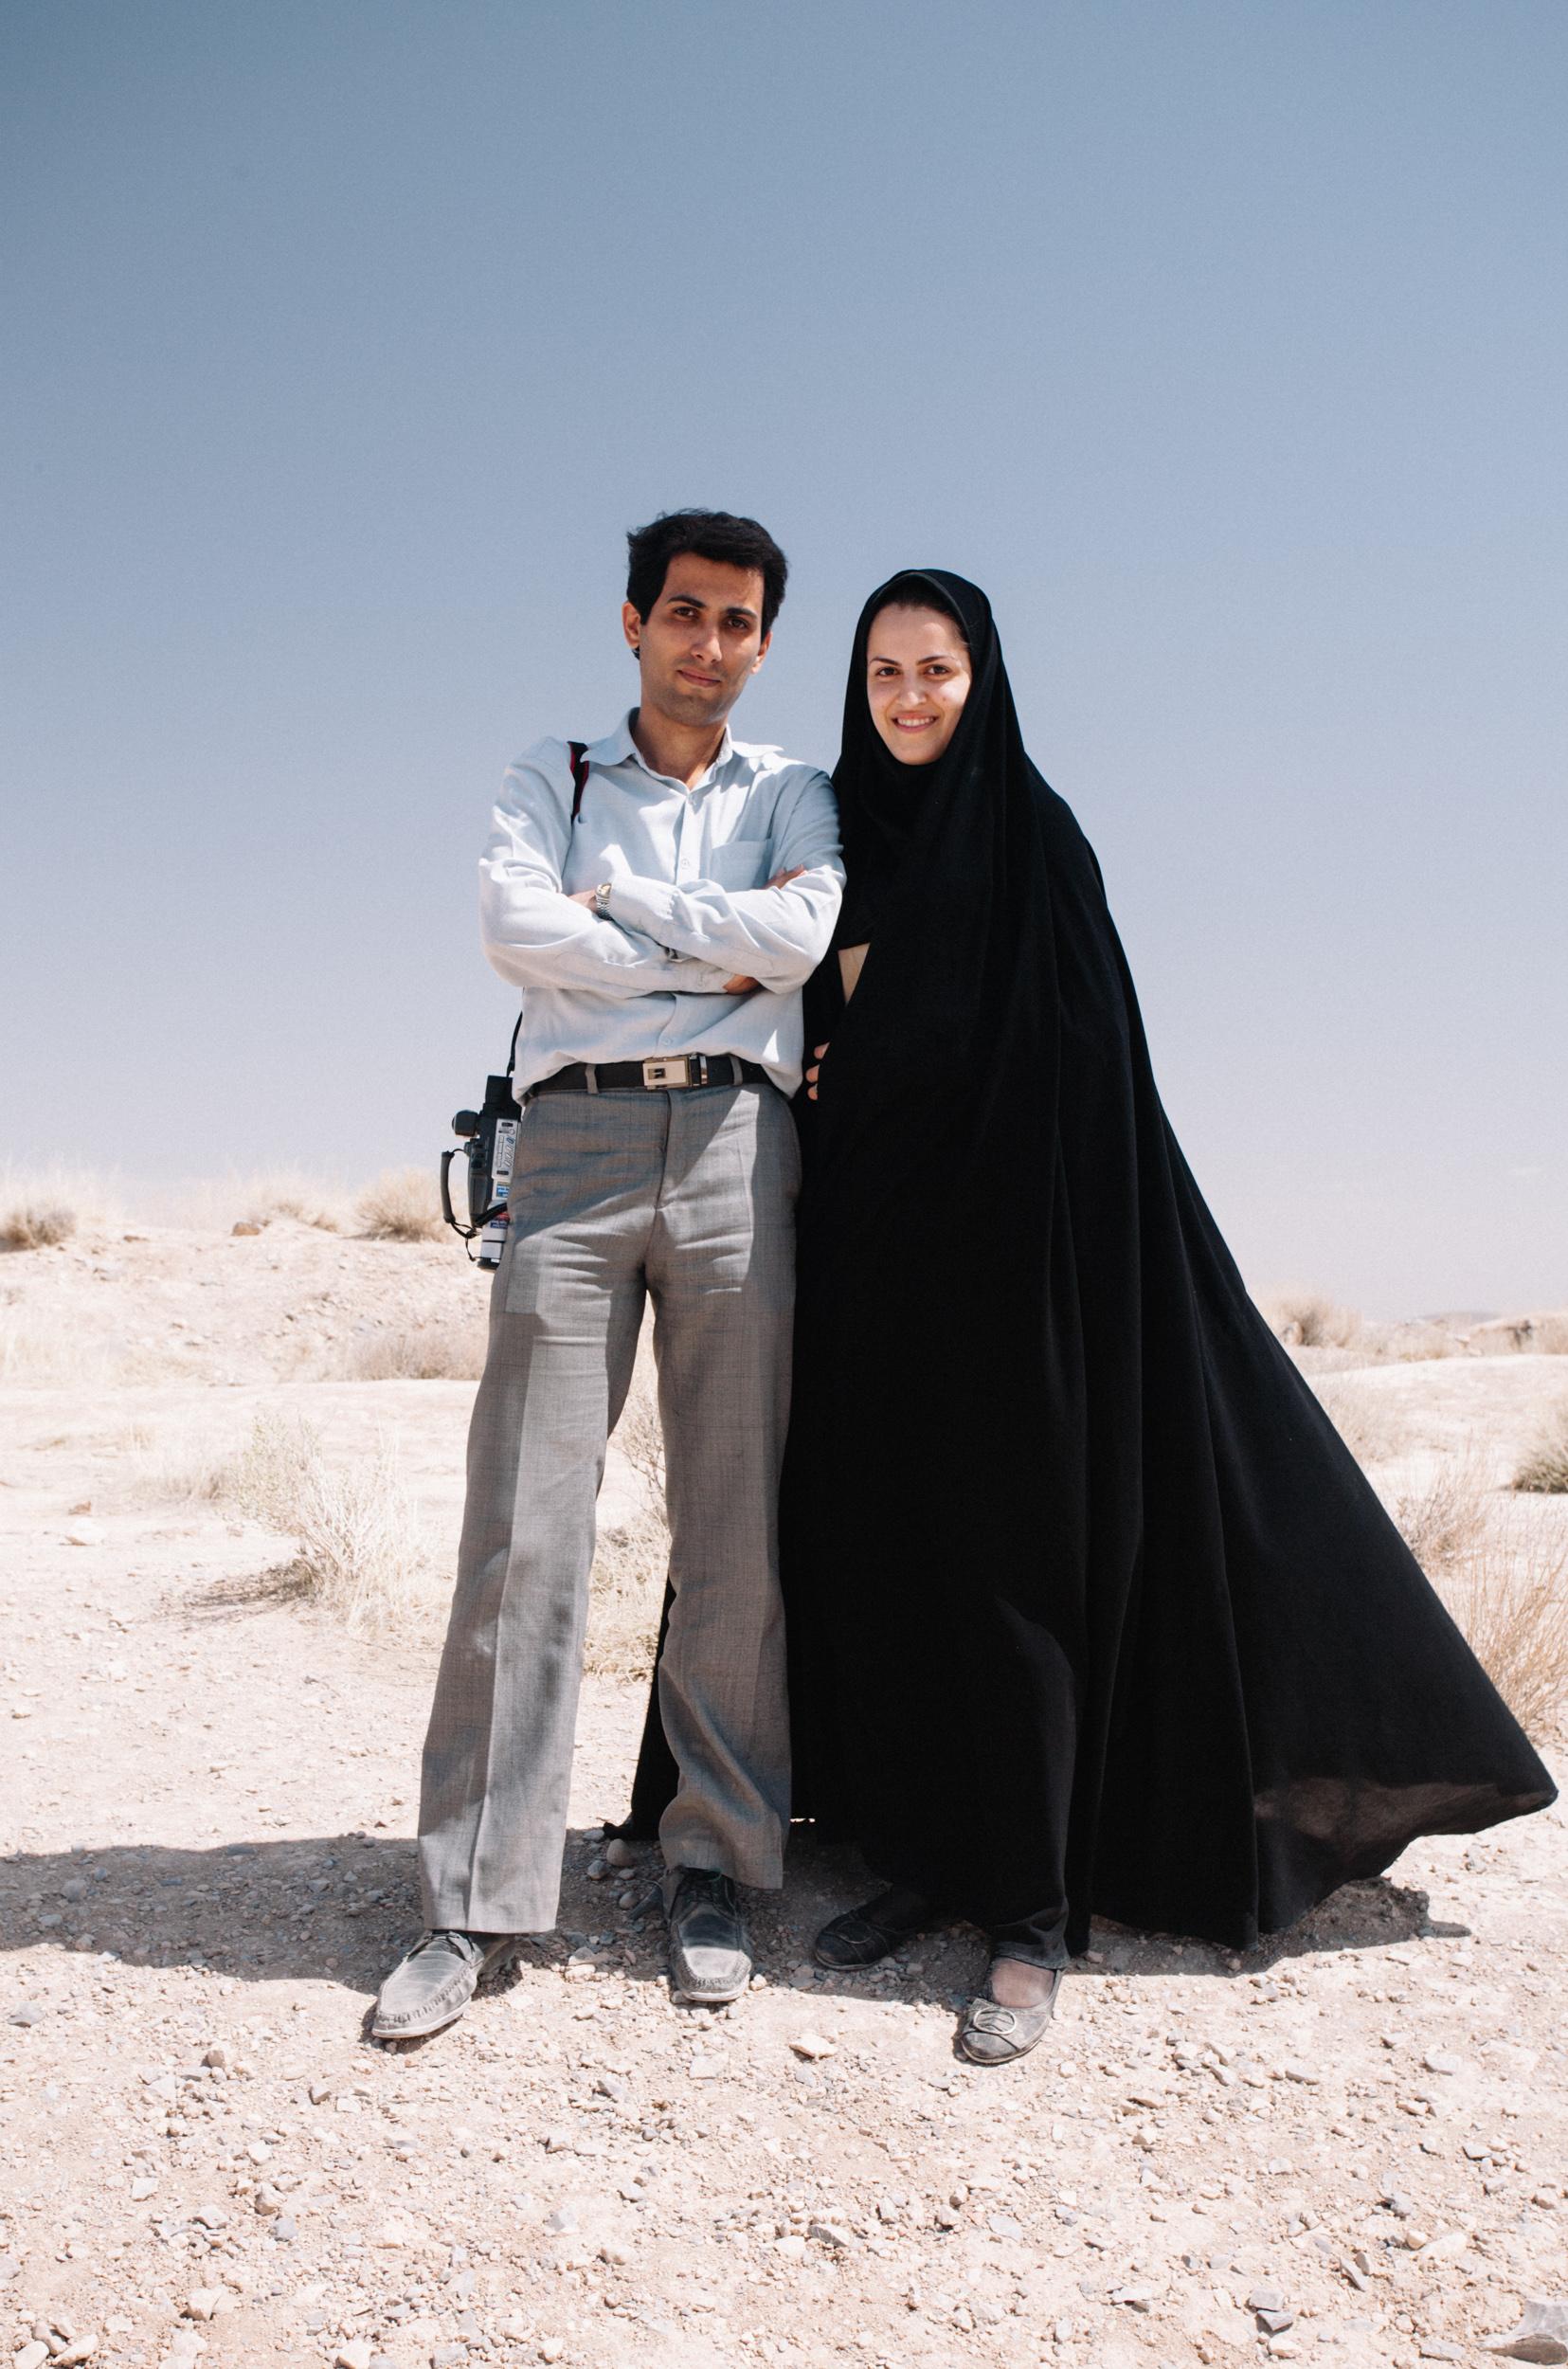 : Iran's next